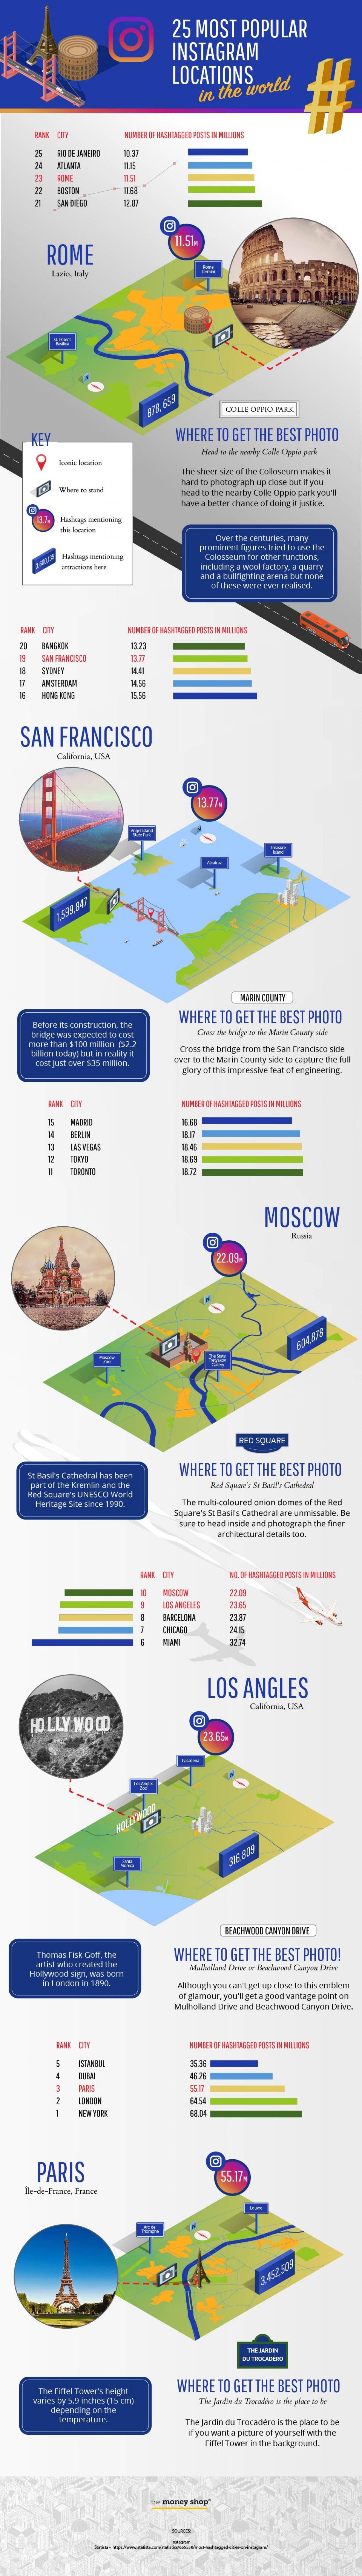 Las 25 ciudades del mundo más populares en Instagram